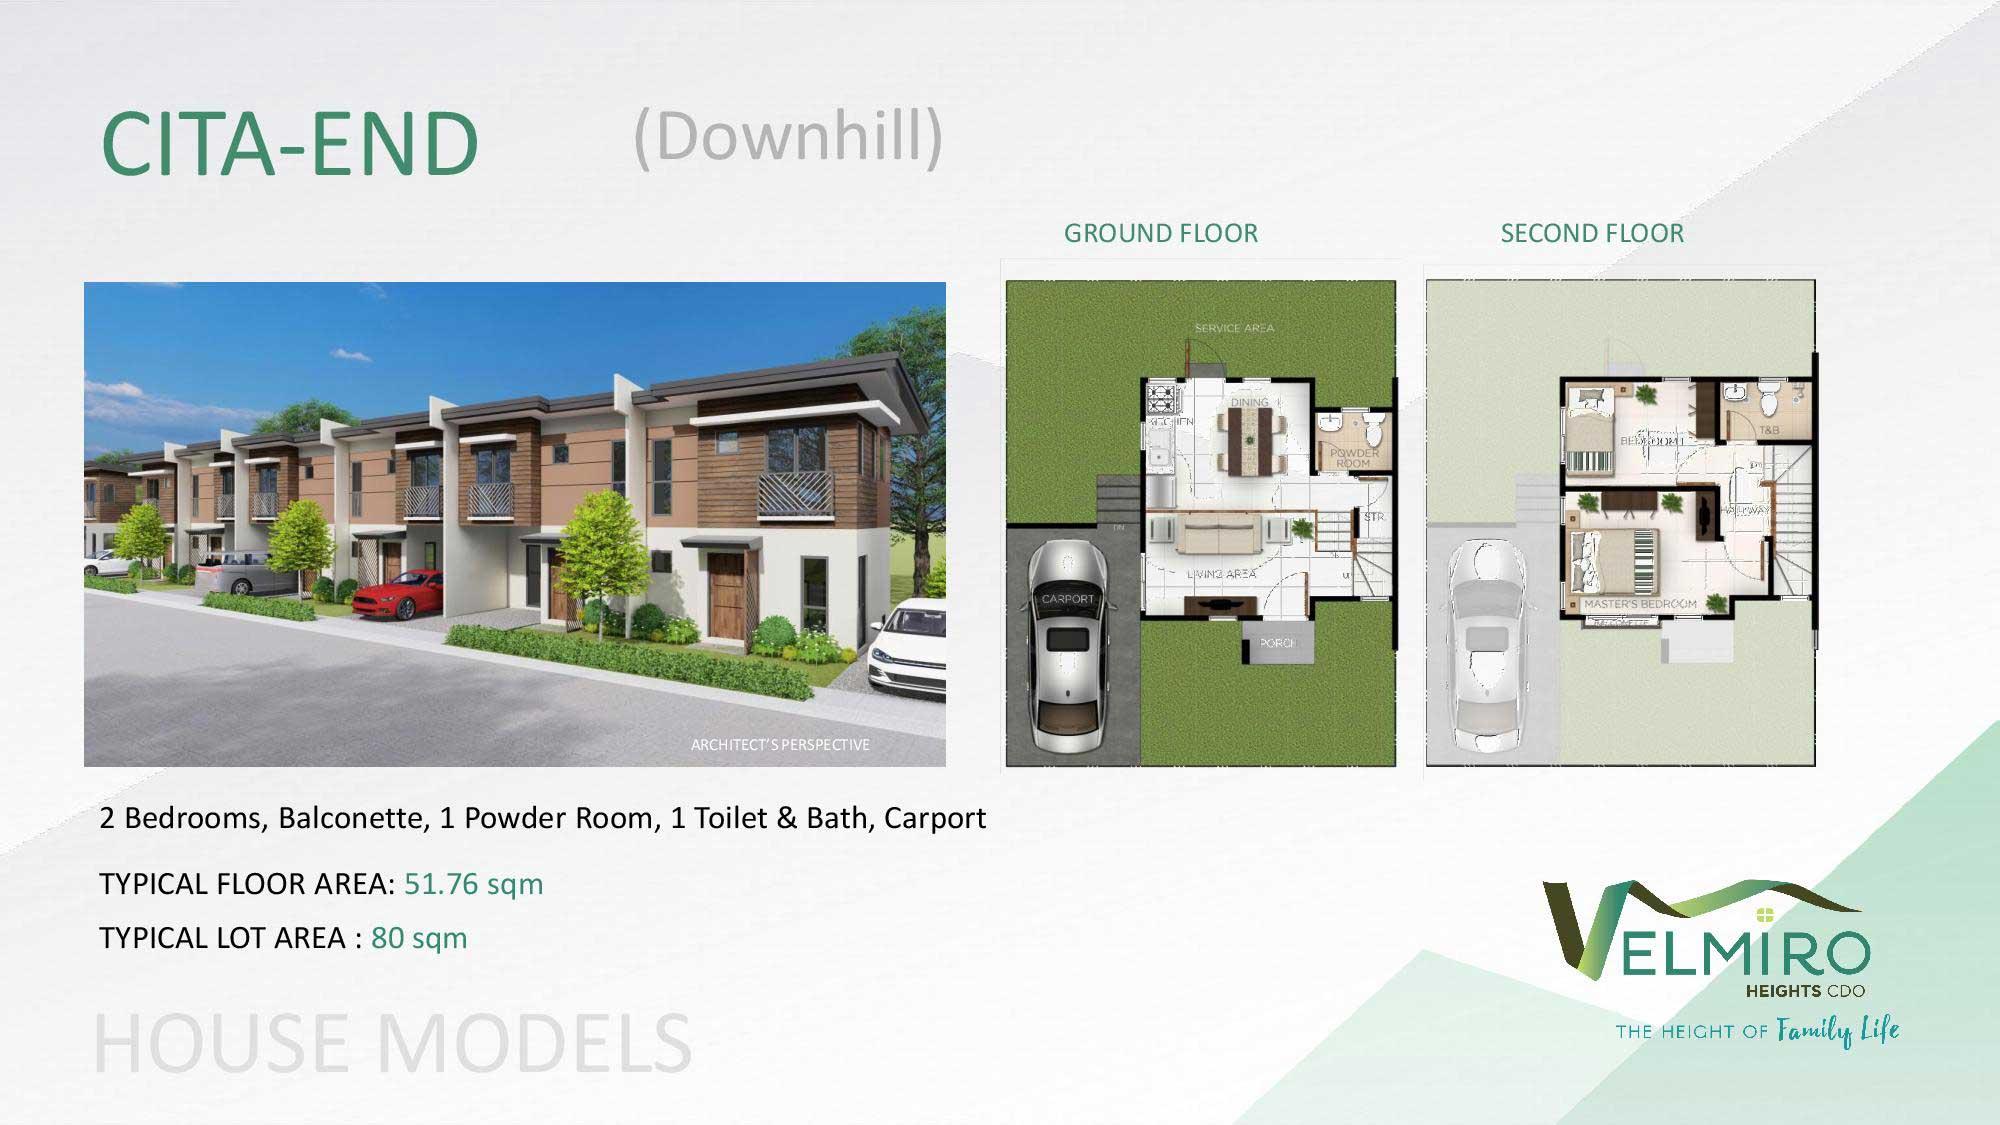 Velmiro heights agusan house model cita end downhill web gmc